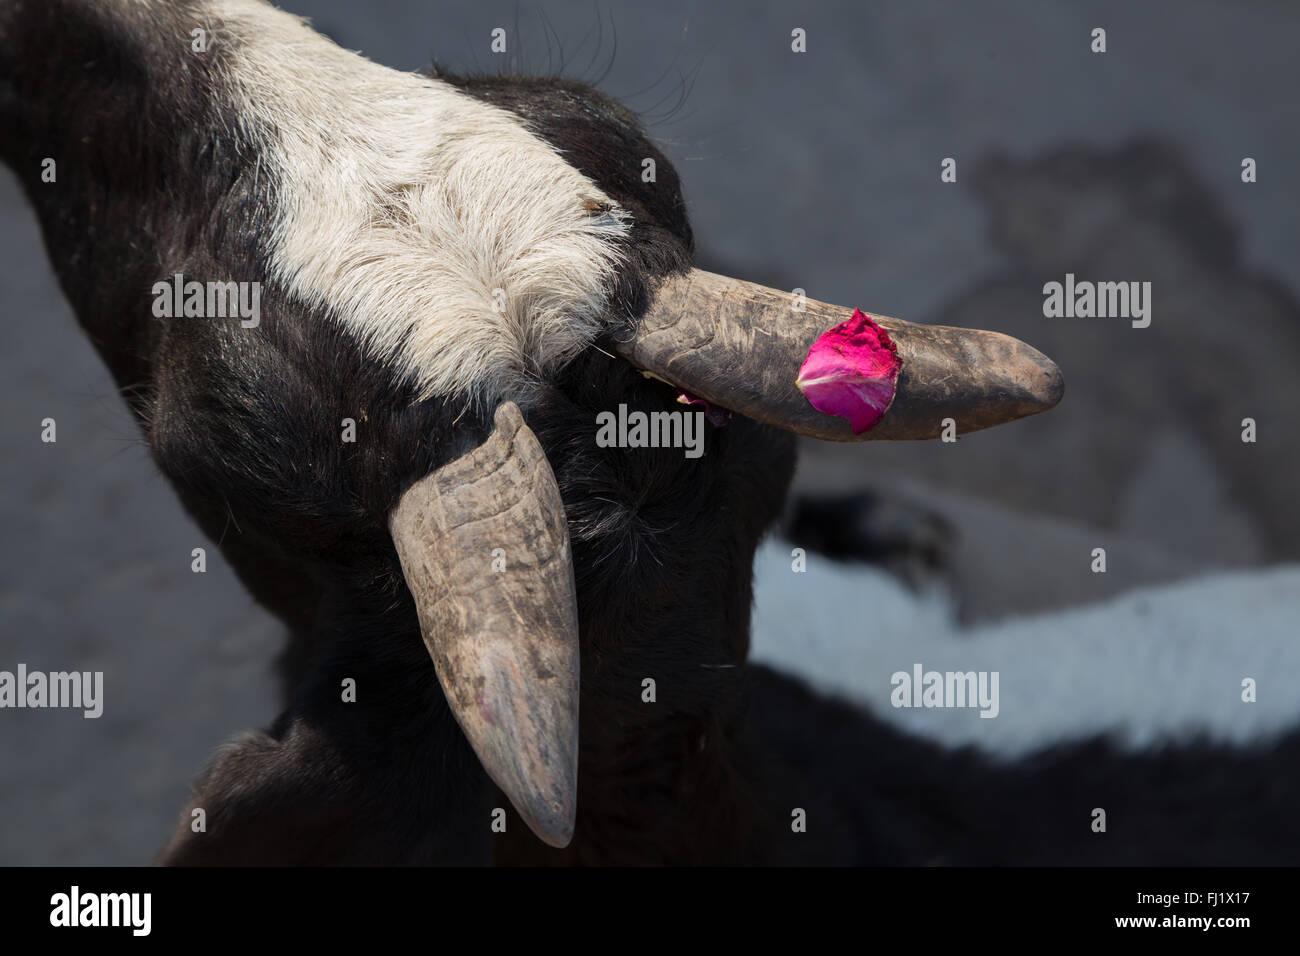 Rose pétale de rose sur la corne d'une chèvre à Varanasi , Inde Photo Stock